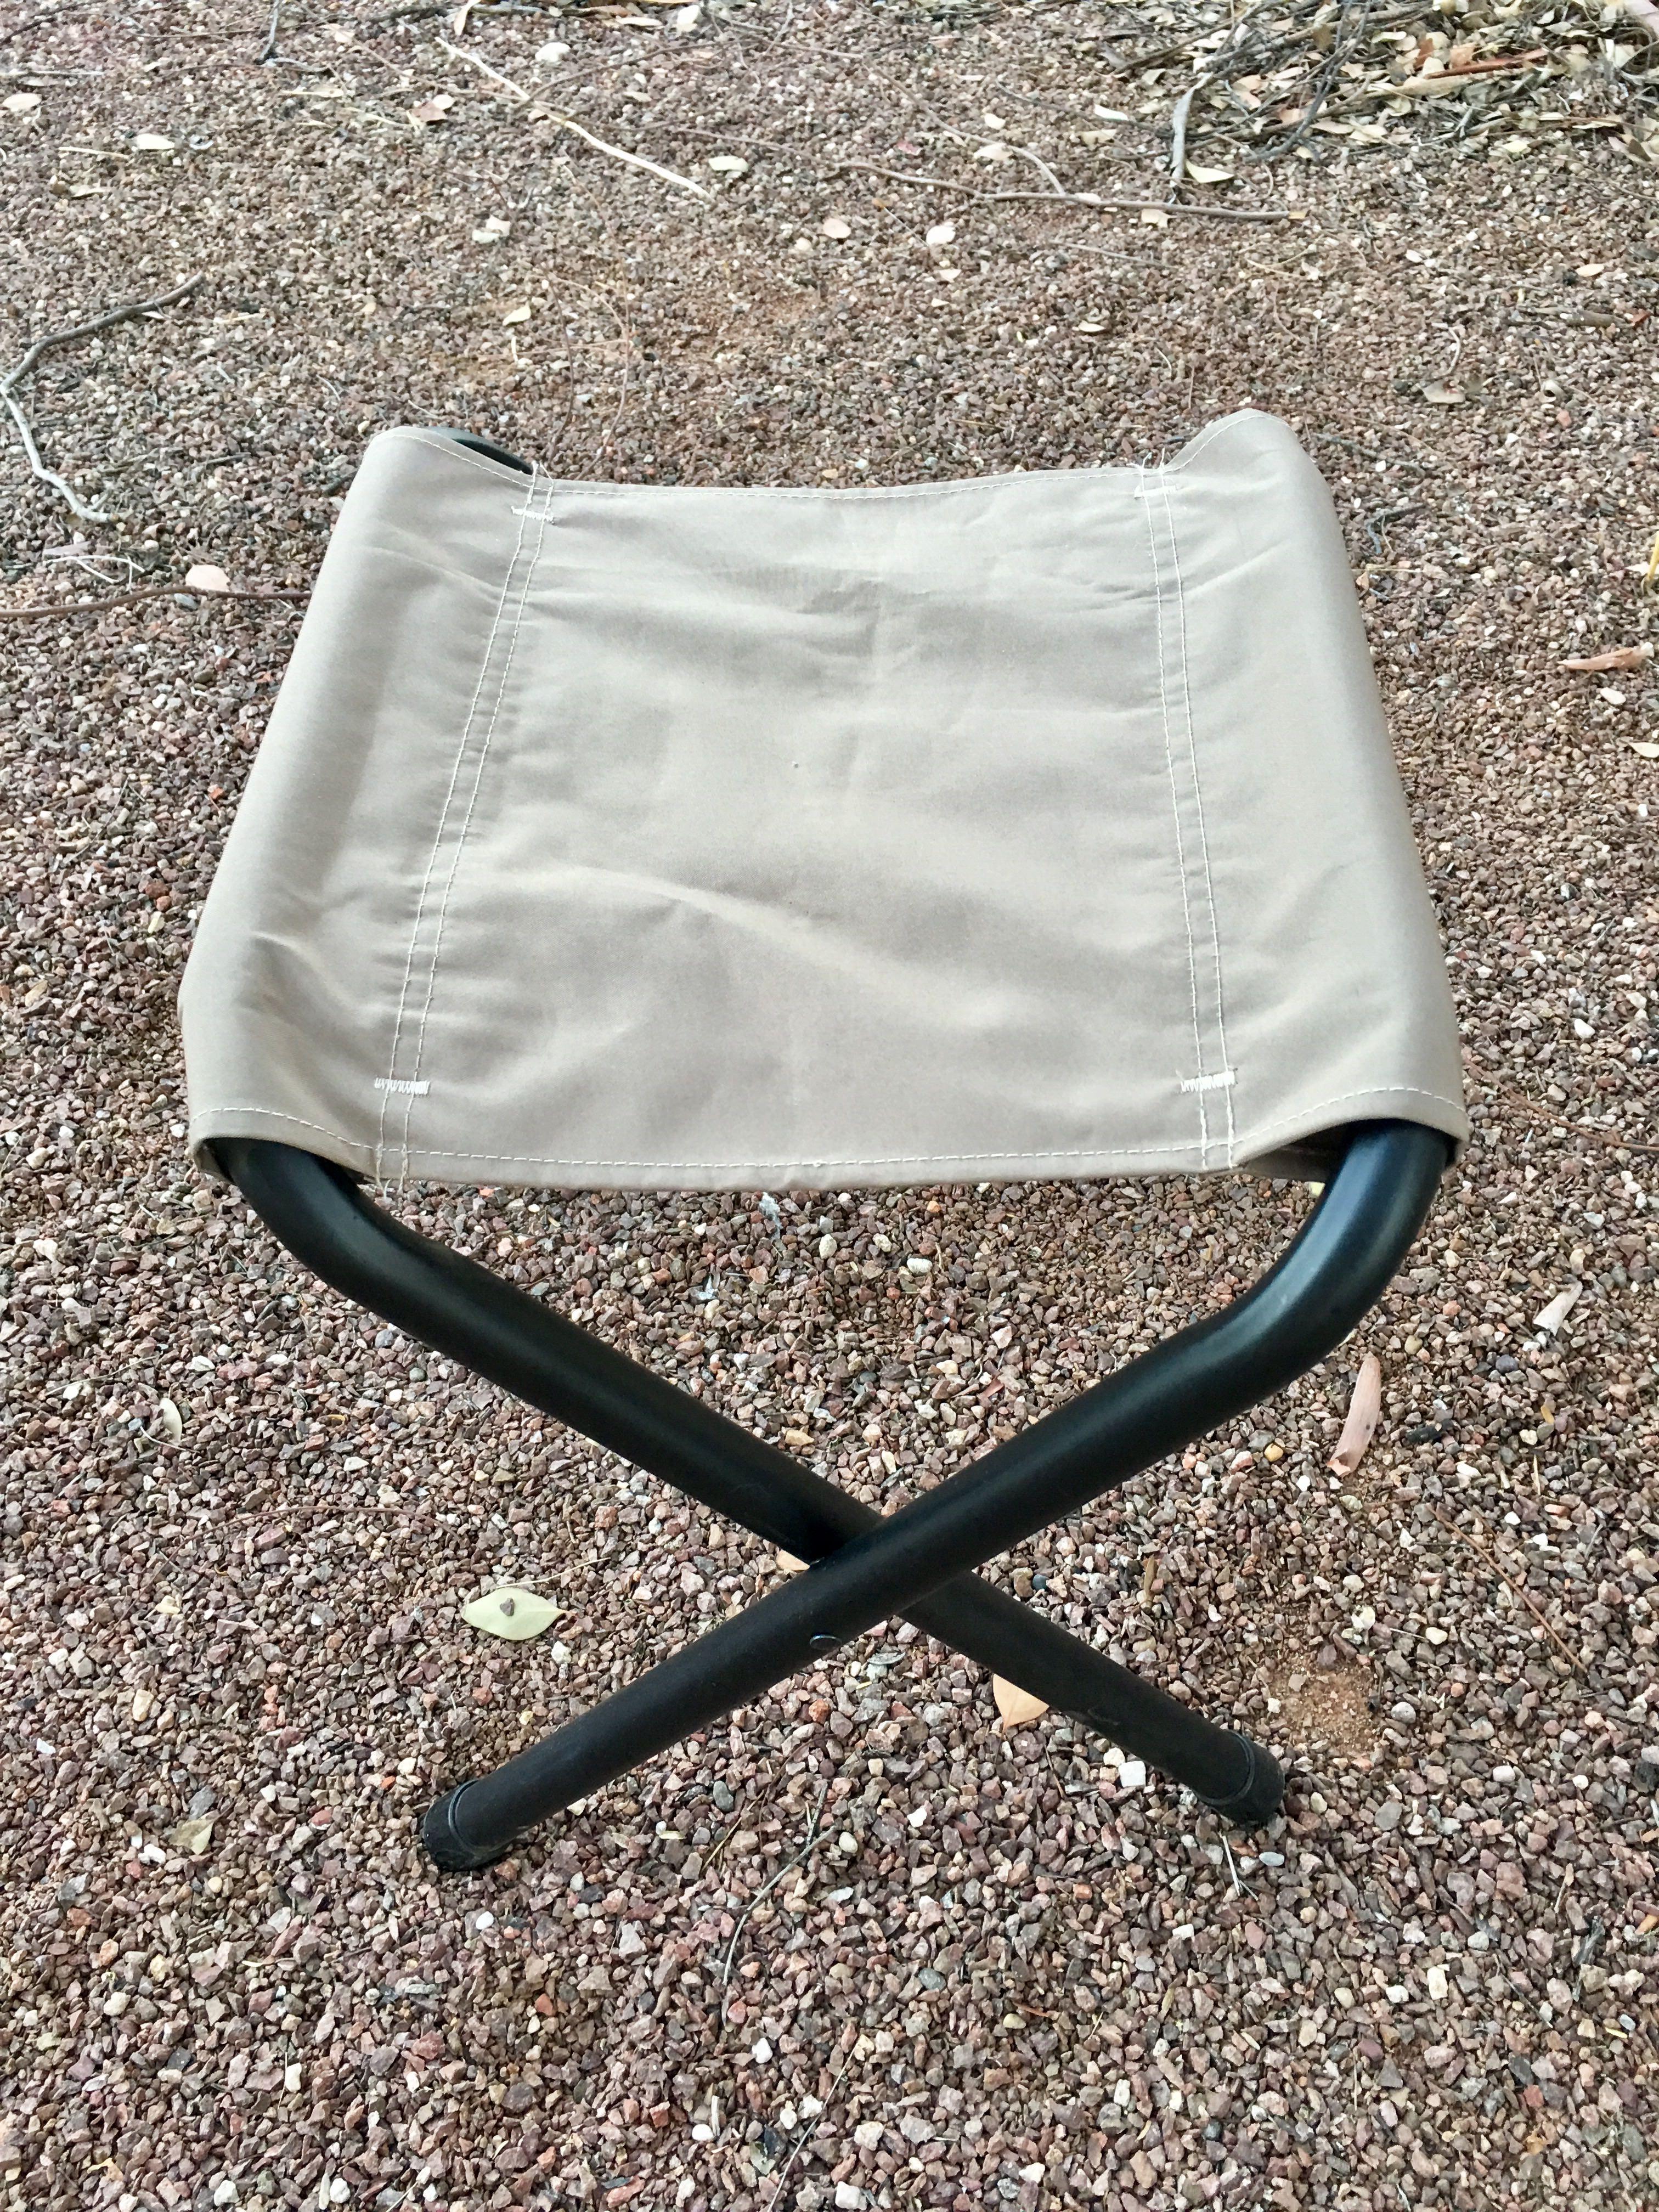 Coleman Rambler II stool, urban sketching, nature sketching, outdoor sketching